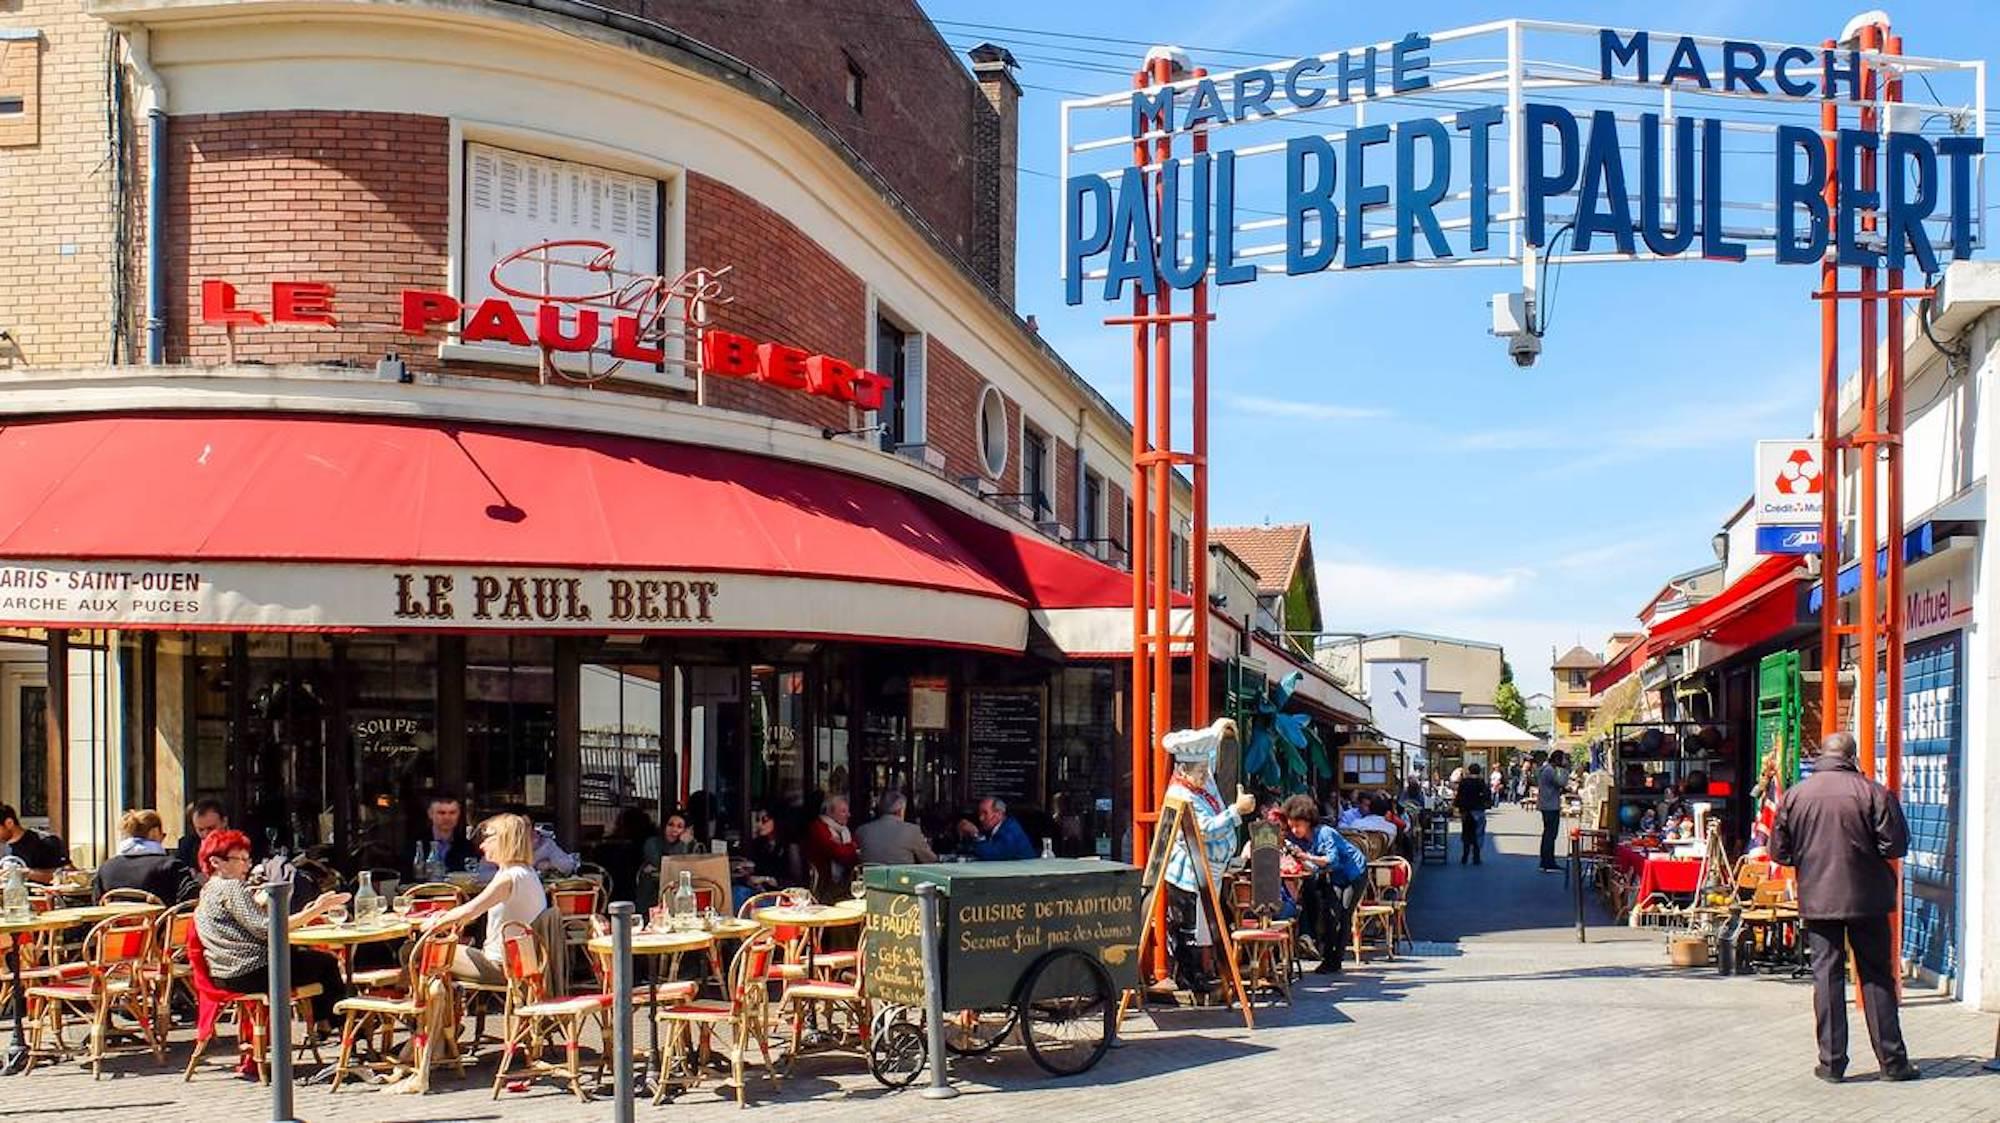 Marché Pouces1 I MIGLIORI MERCATI DI PARIGI